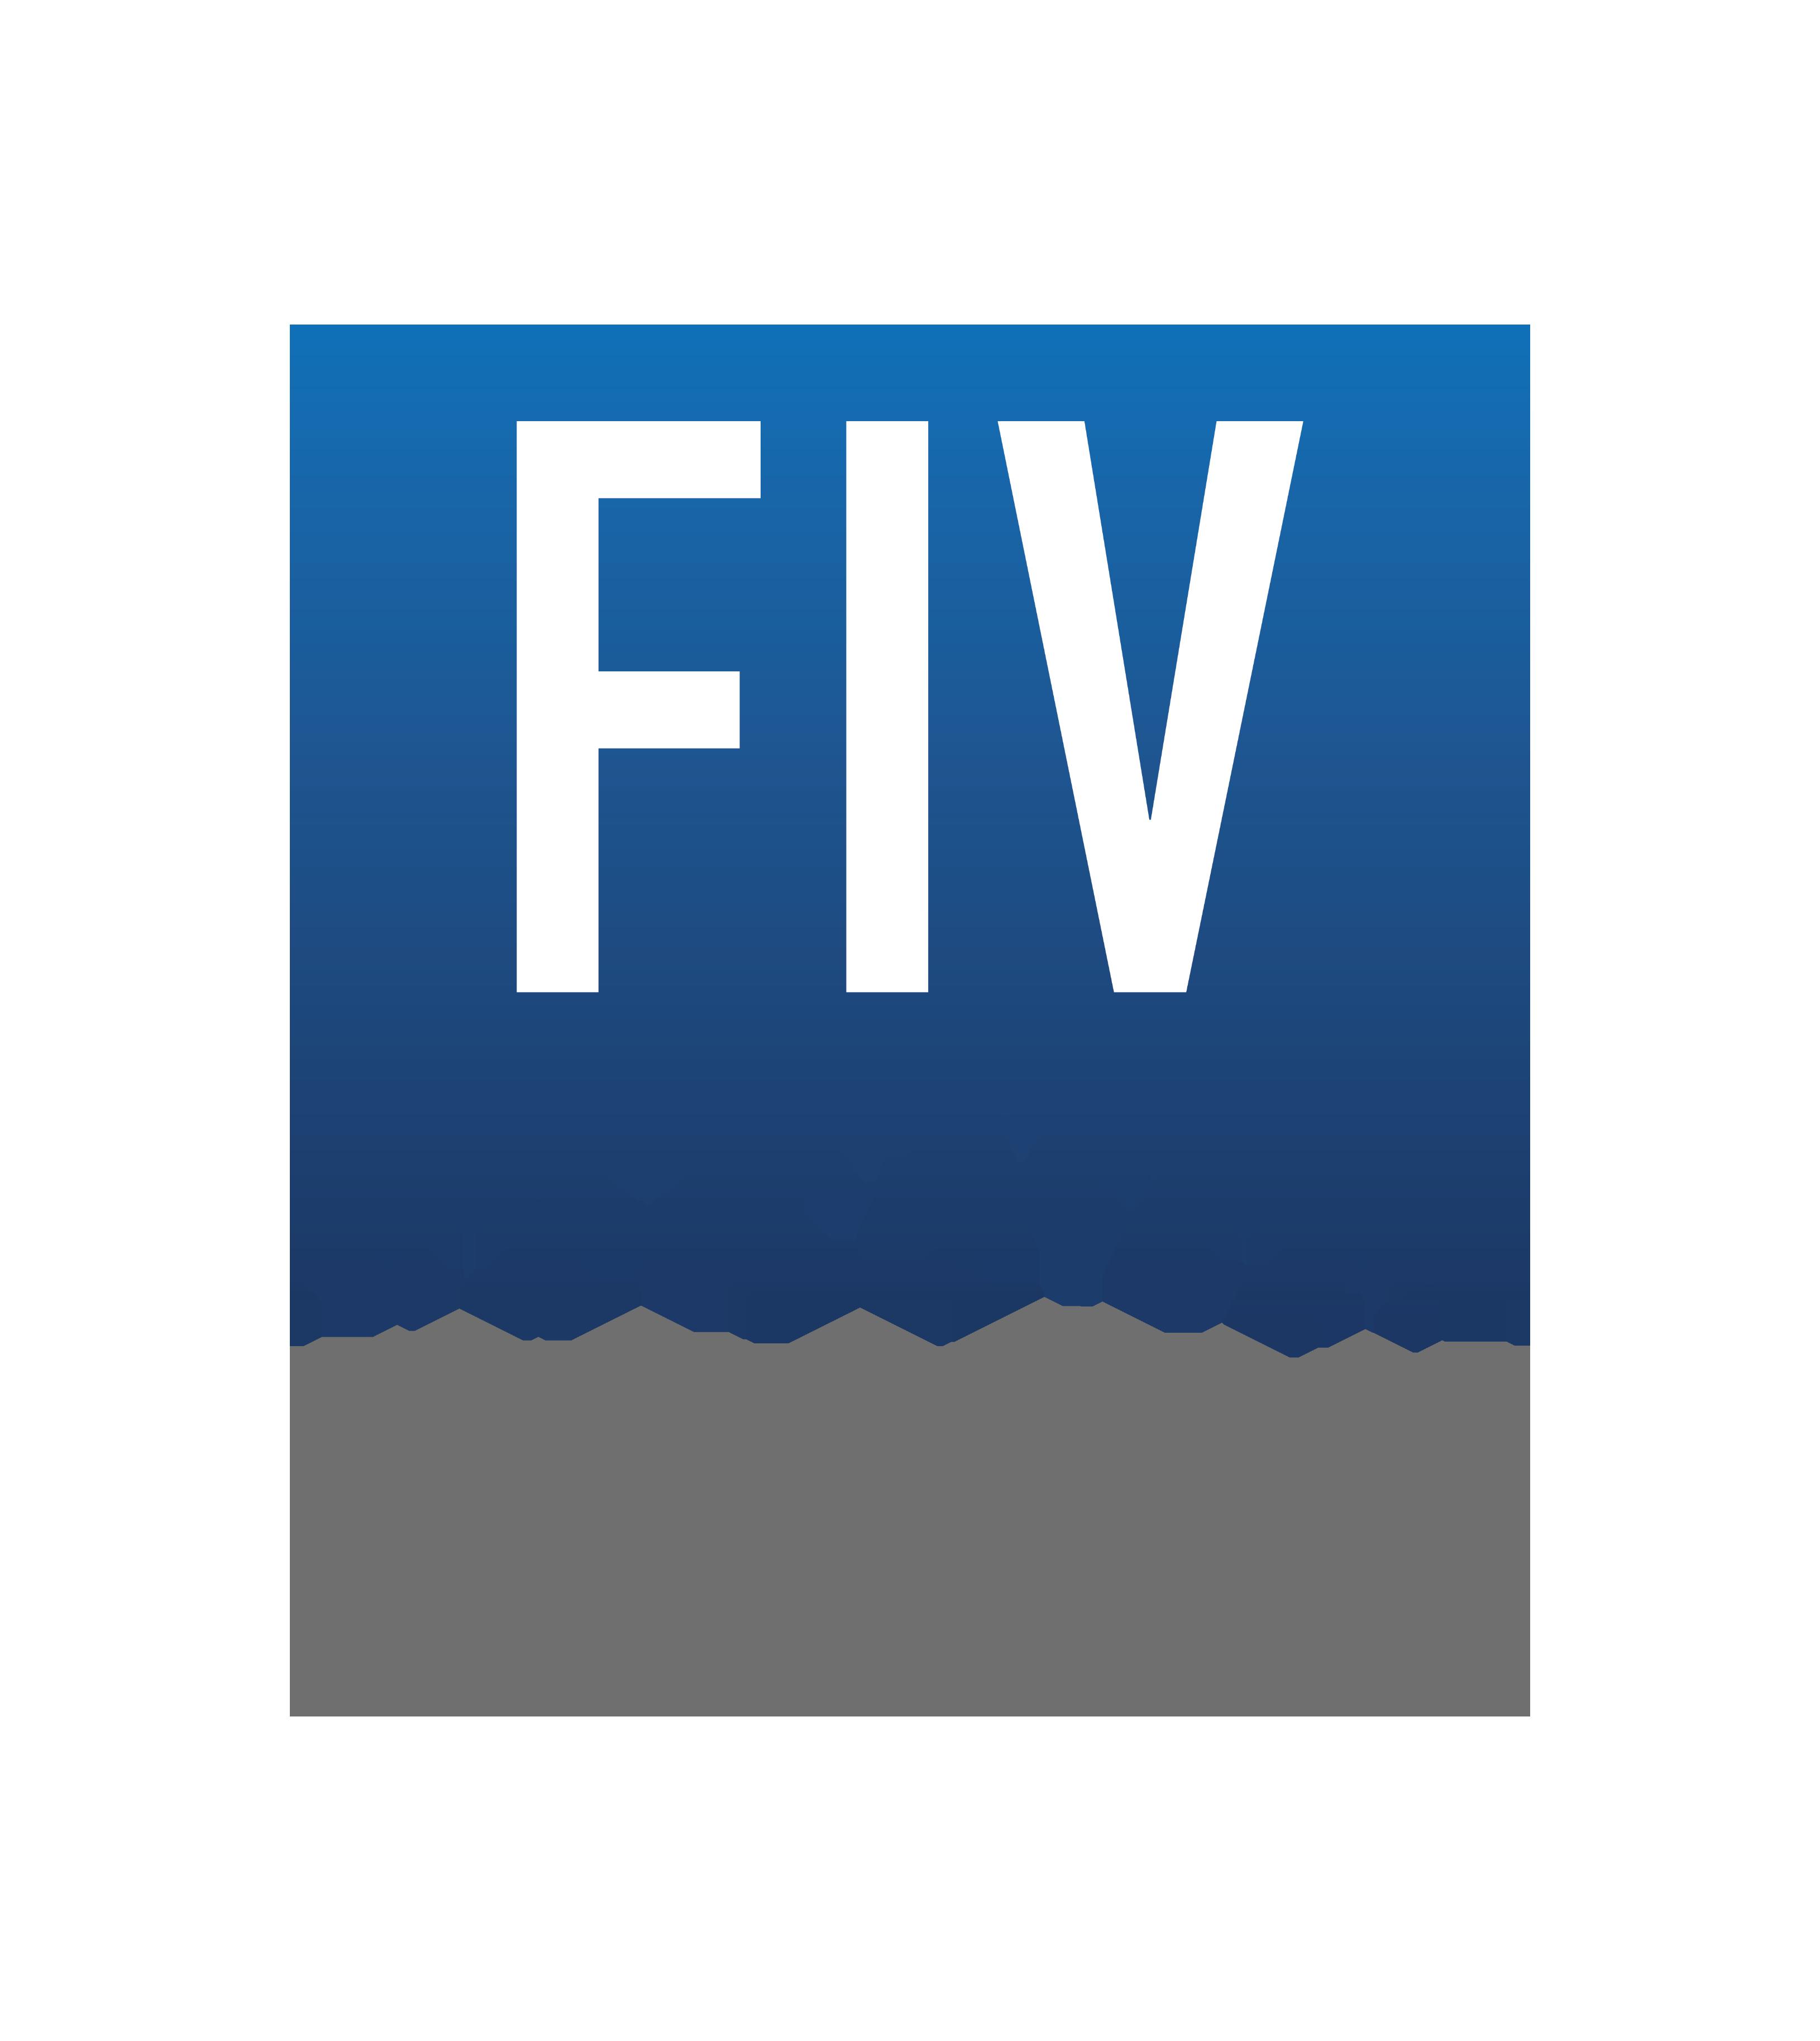 Fritz Immobilien Verwaltungs GmbH